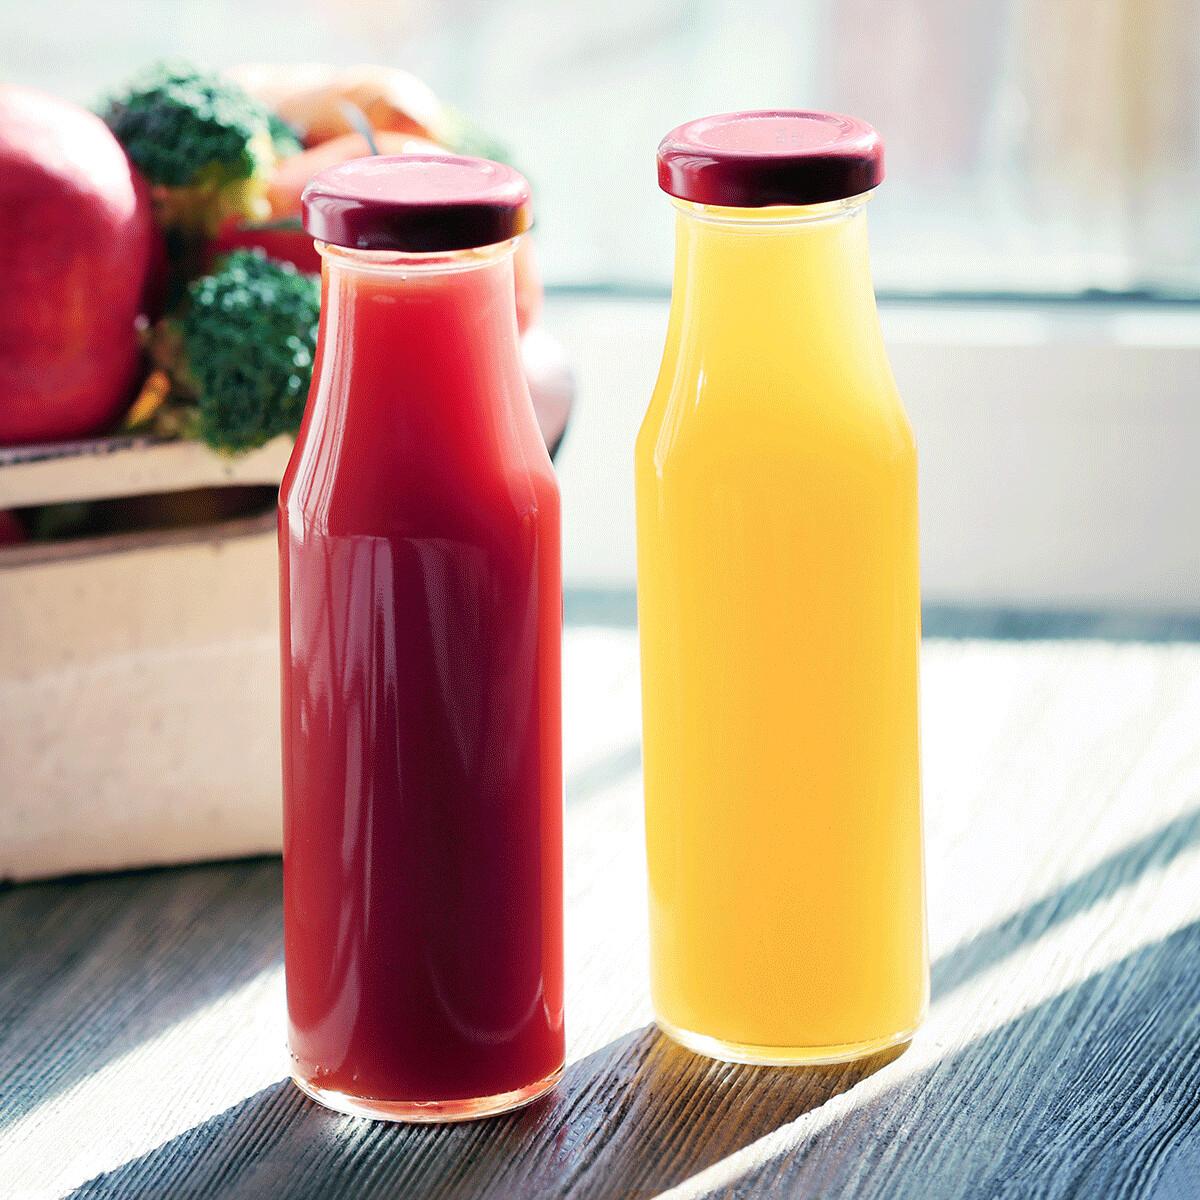 SAMPLE. Juice